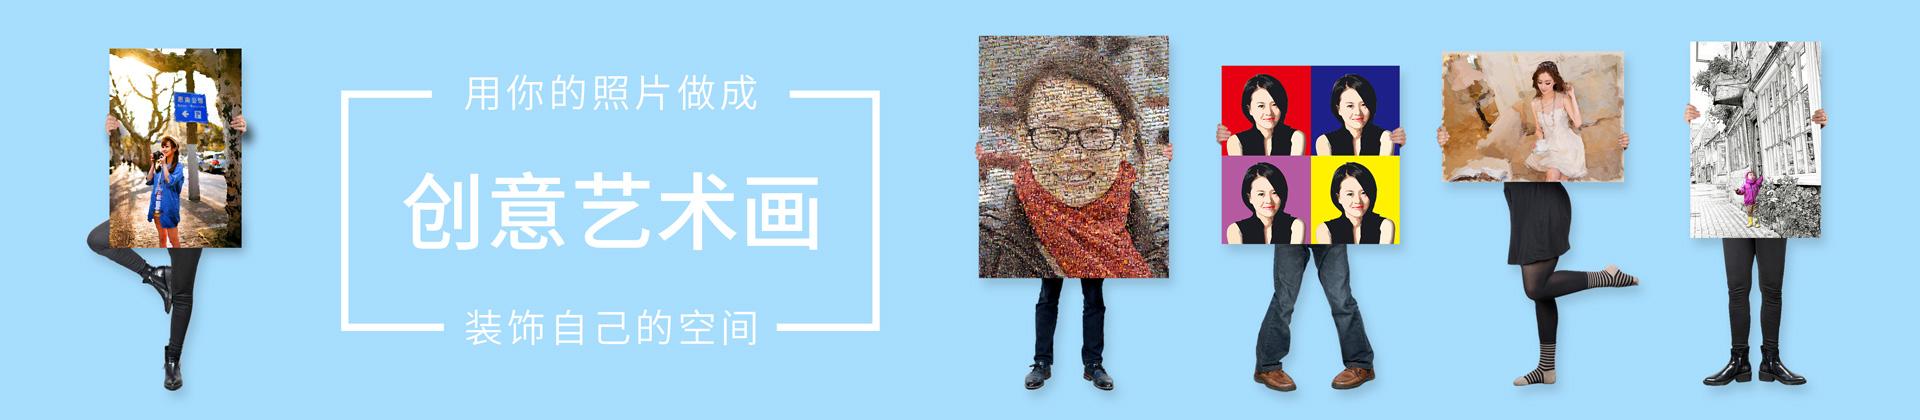 catalog/Sliders/artistic/artistic1920x420-CN.jpg